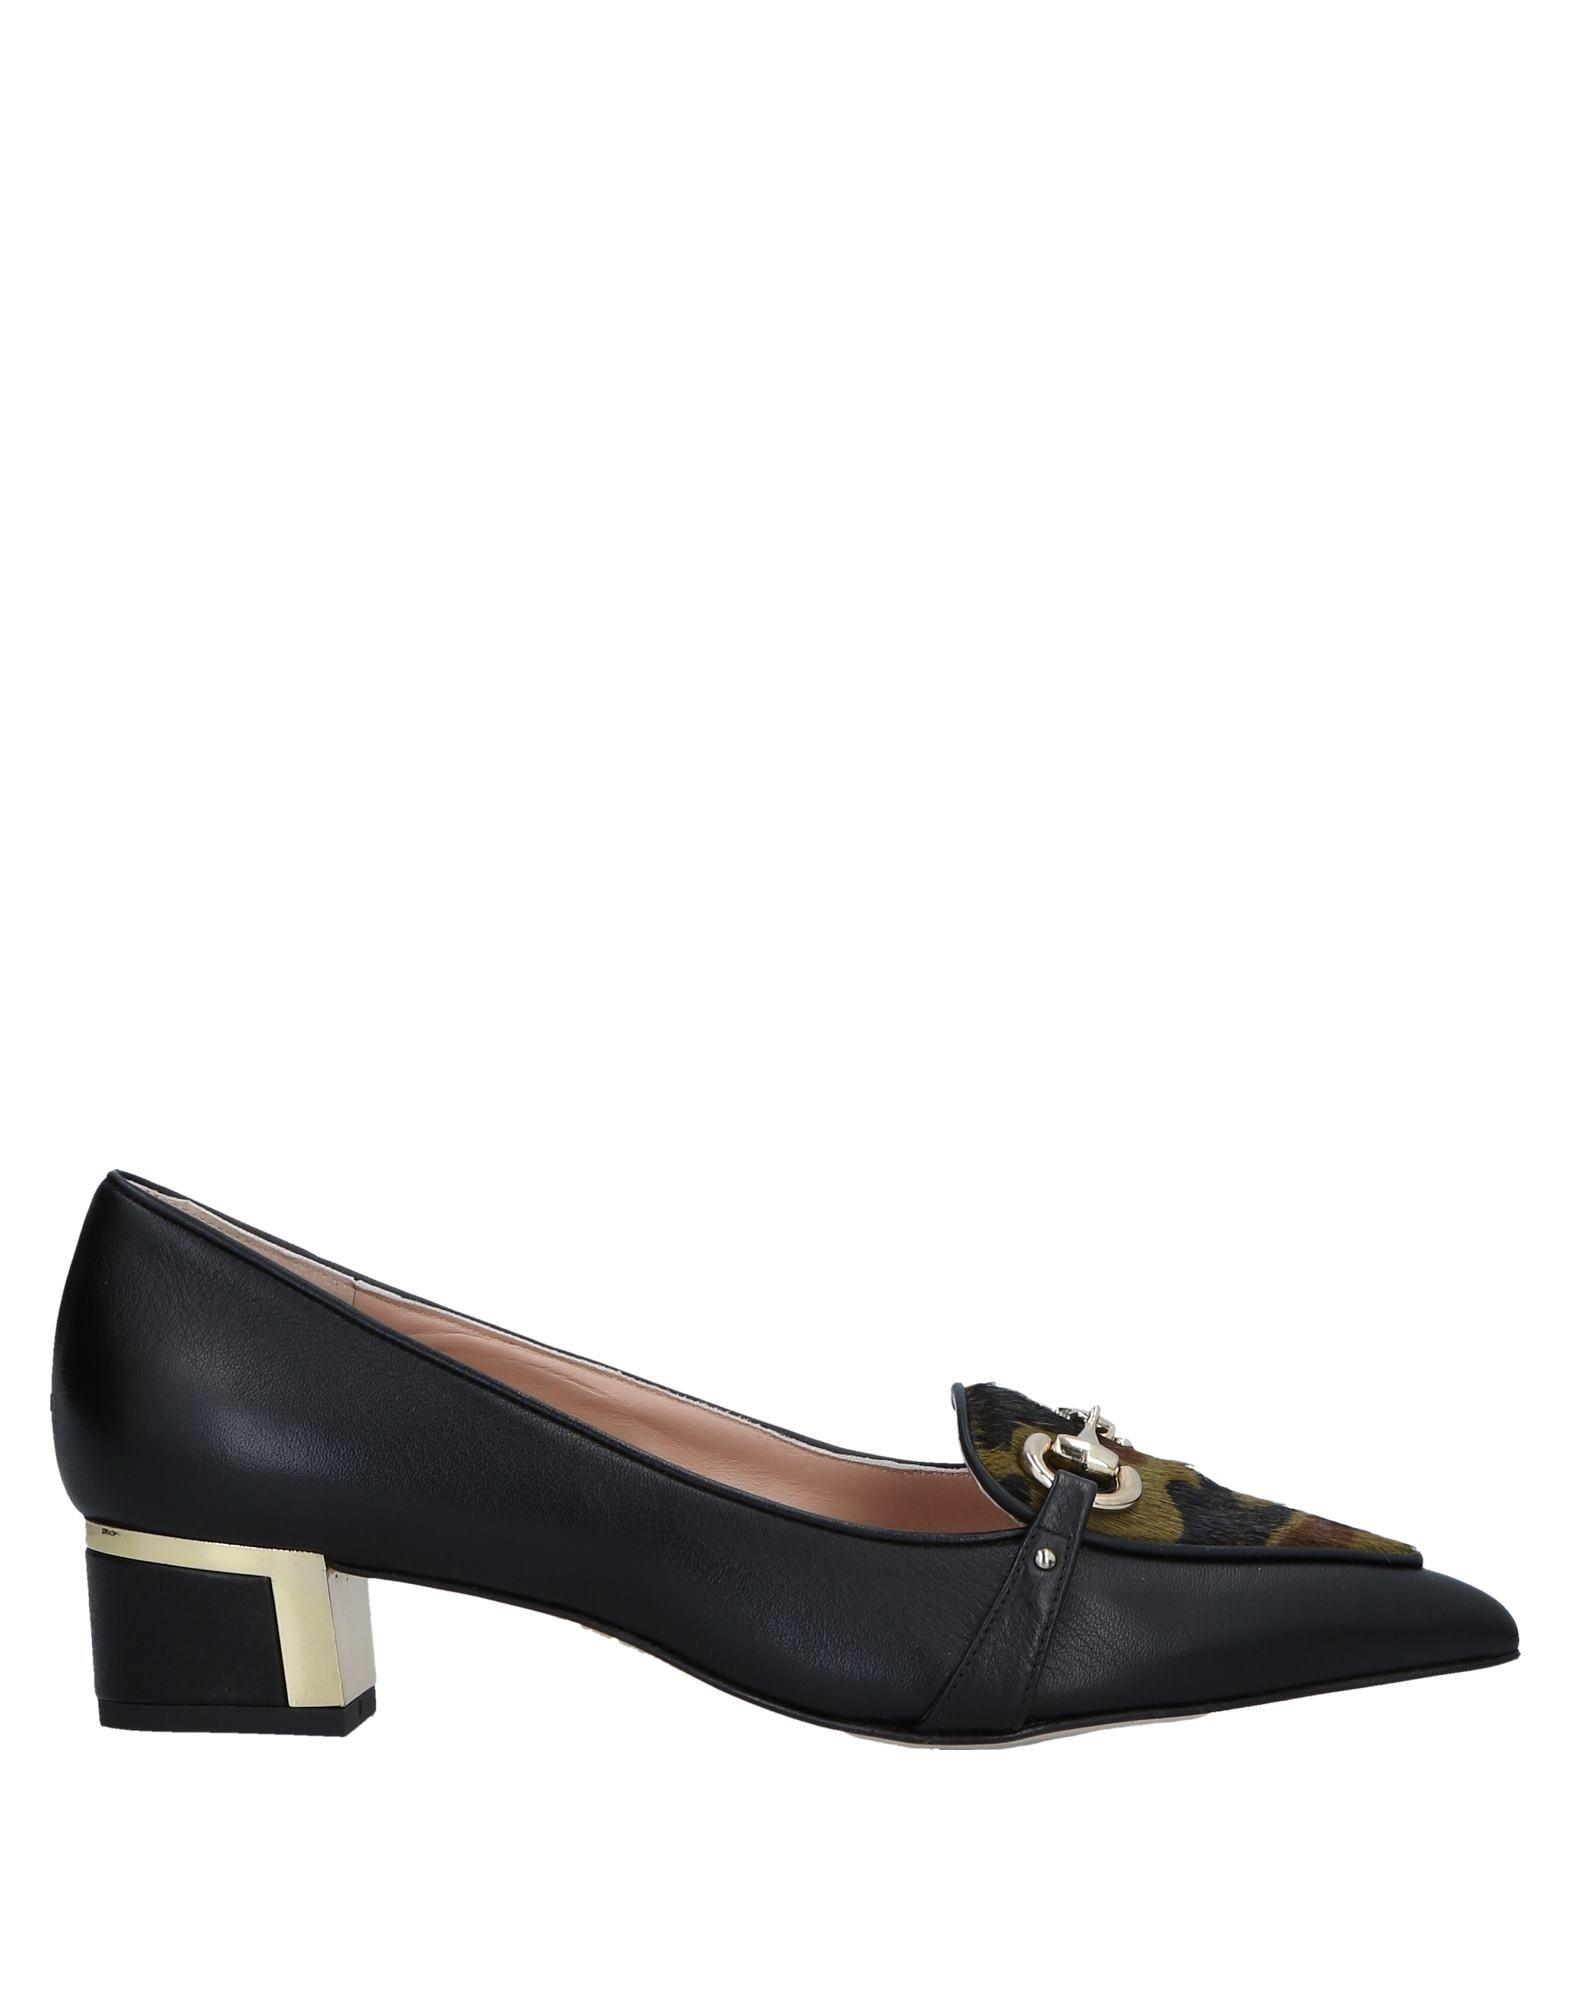 Hannibal Laguna Gute Mokassins Damen  11541863NC Gute Laguna Qualität beliebte Schuhe b01907